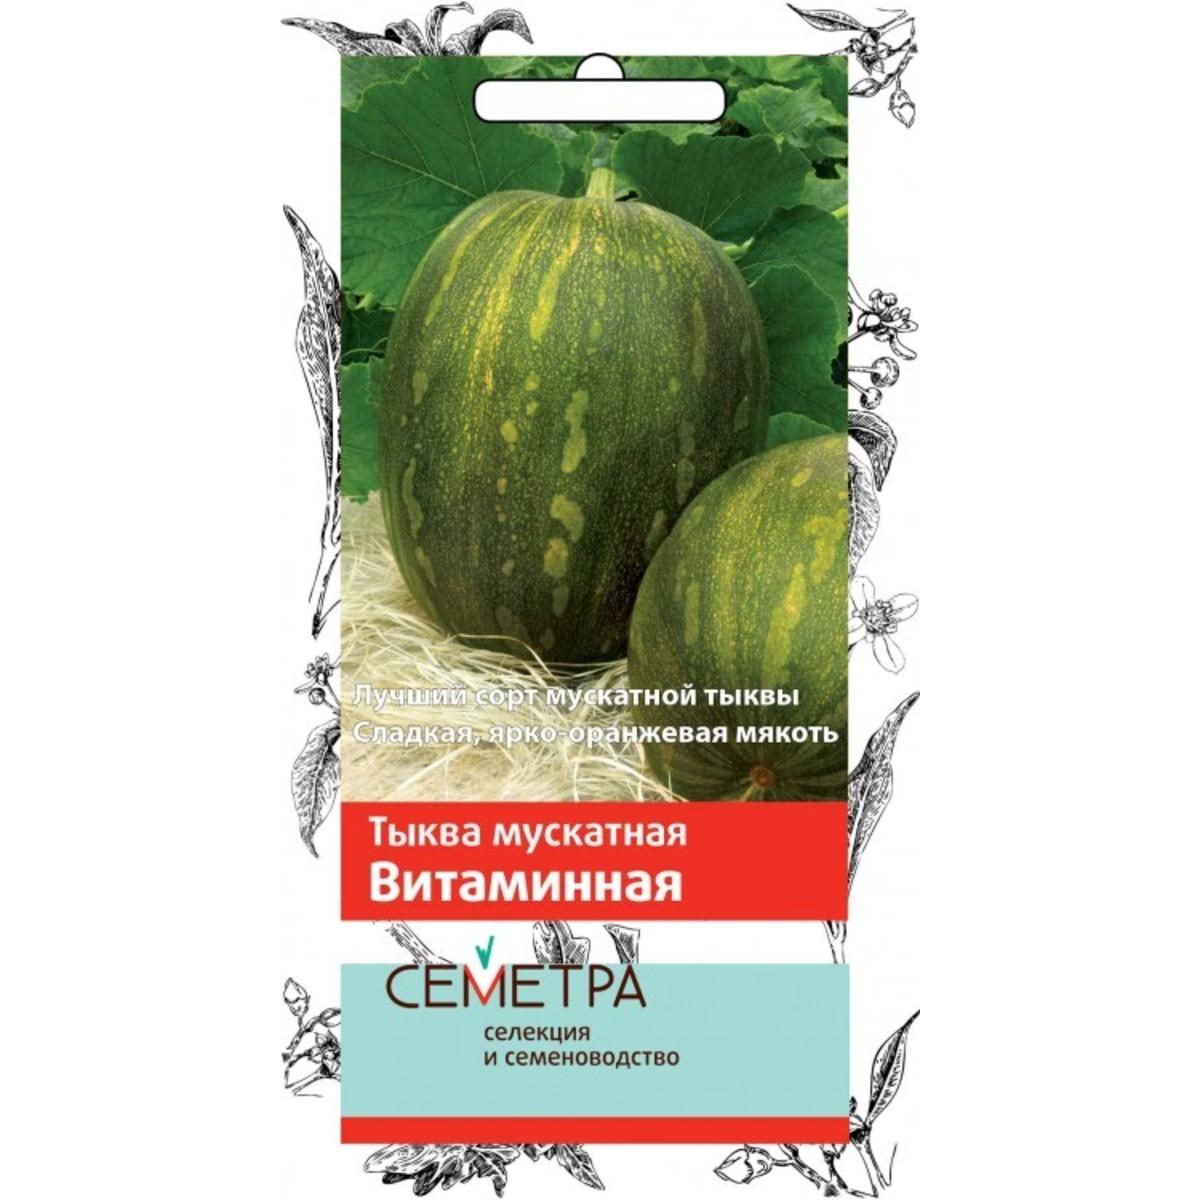 купить семена тыквы в спб